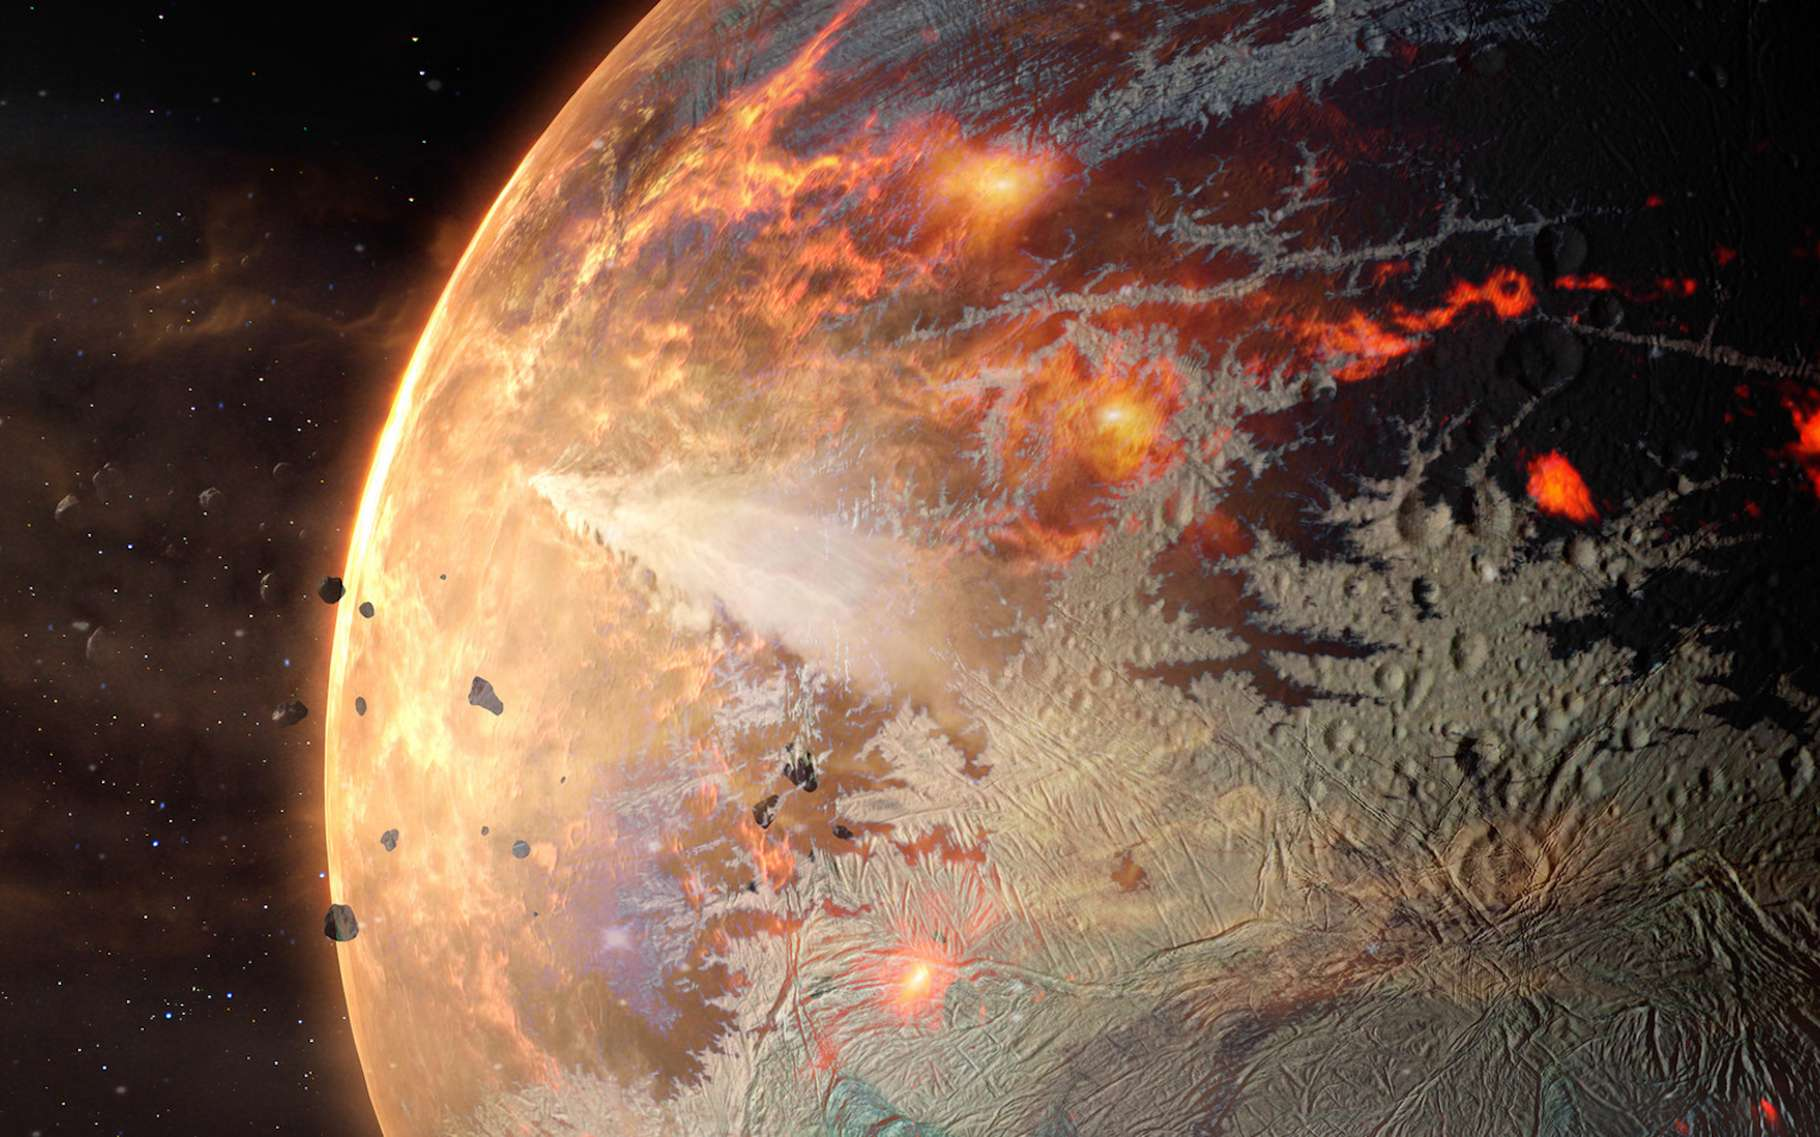 Des chercheurs ont découvert une exoplanète qui laisse s'échapper des métaux lourds. Une planète qu'ils qualifient de « plus chaude que chaude ». © elen31, Fotolia